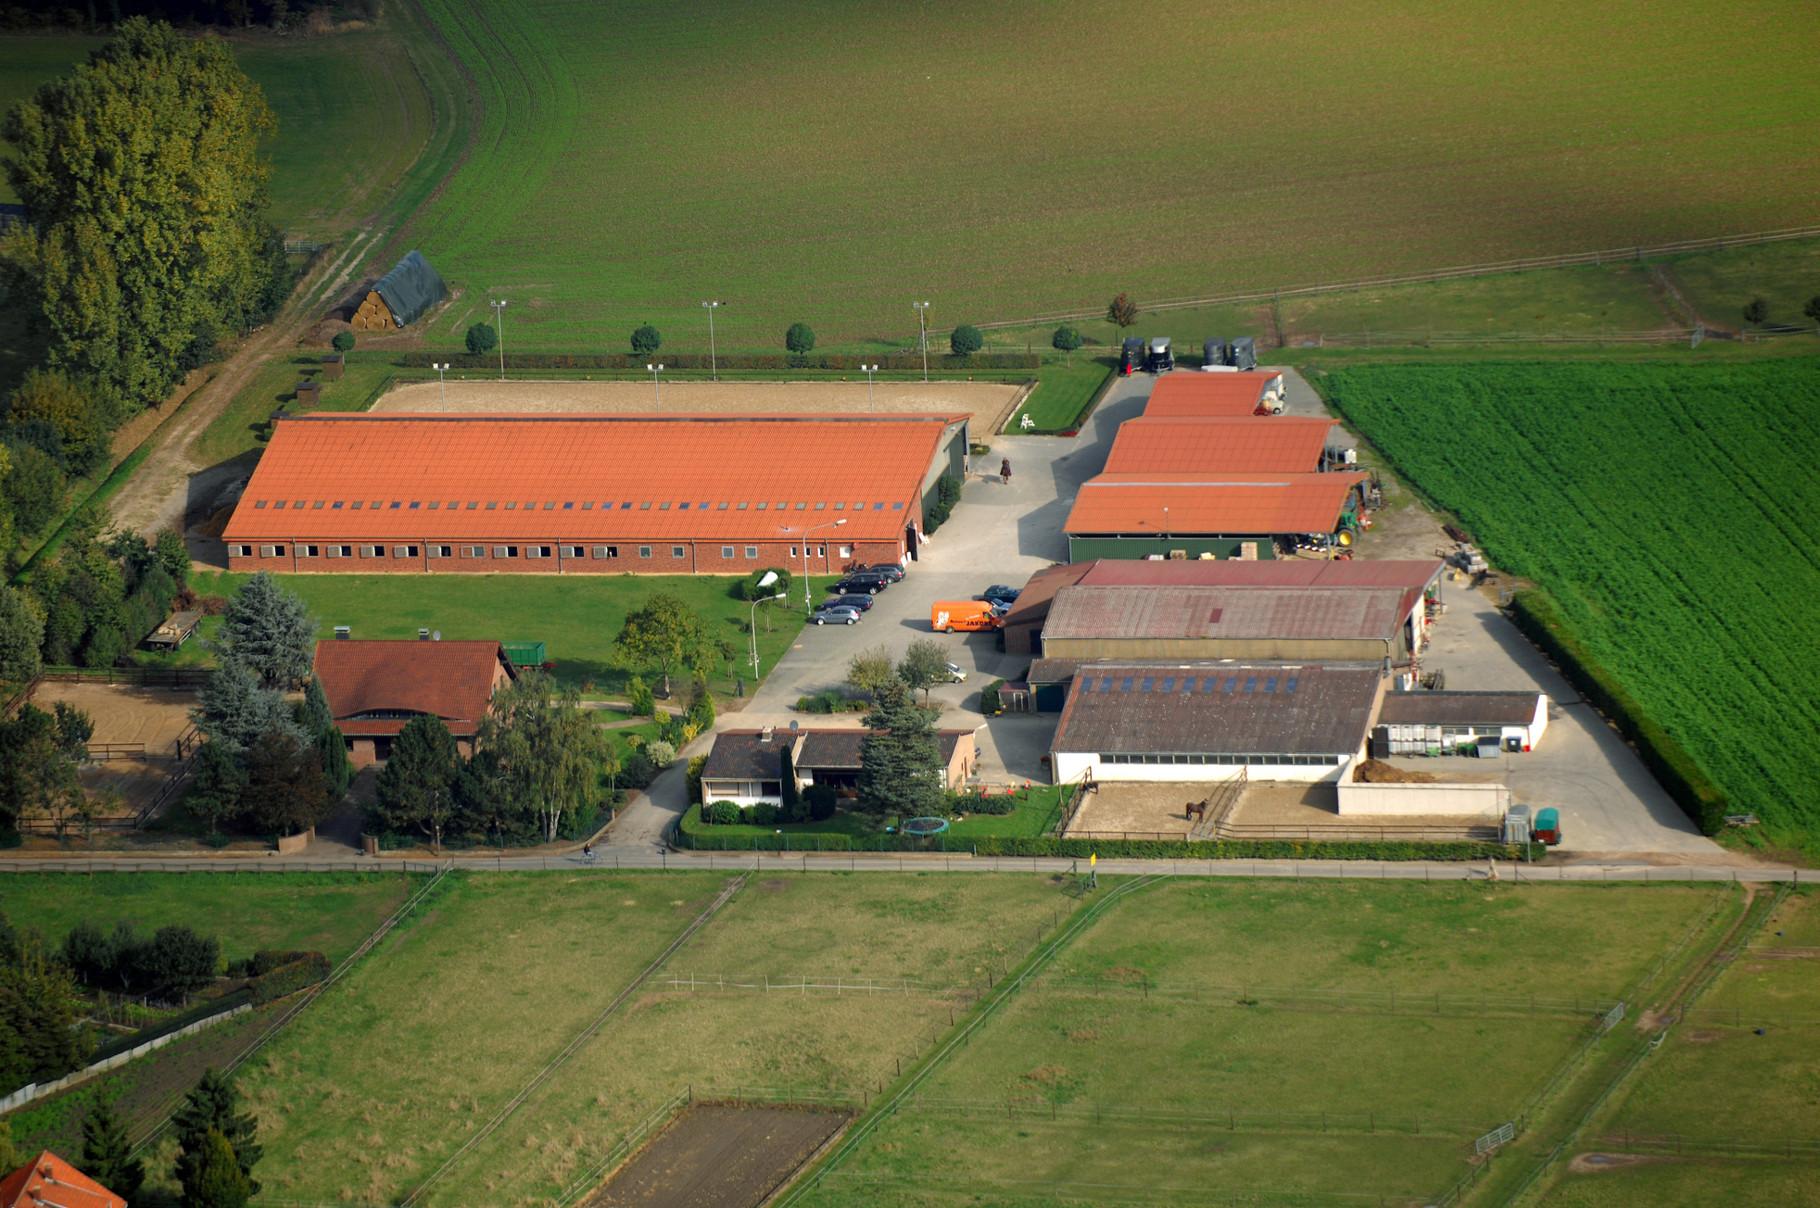 Luftaufnahme der Reitanlage Niershof